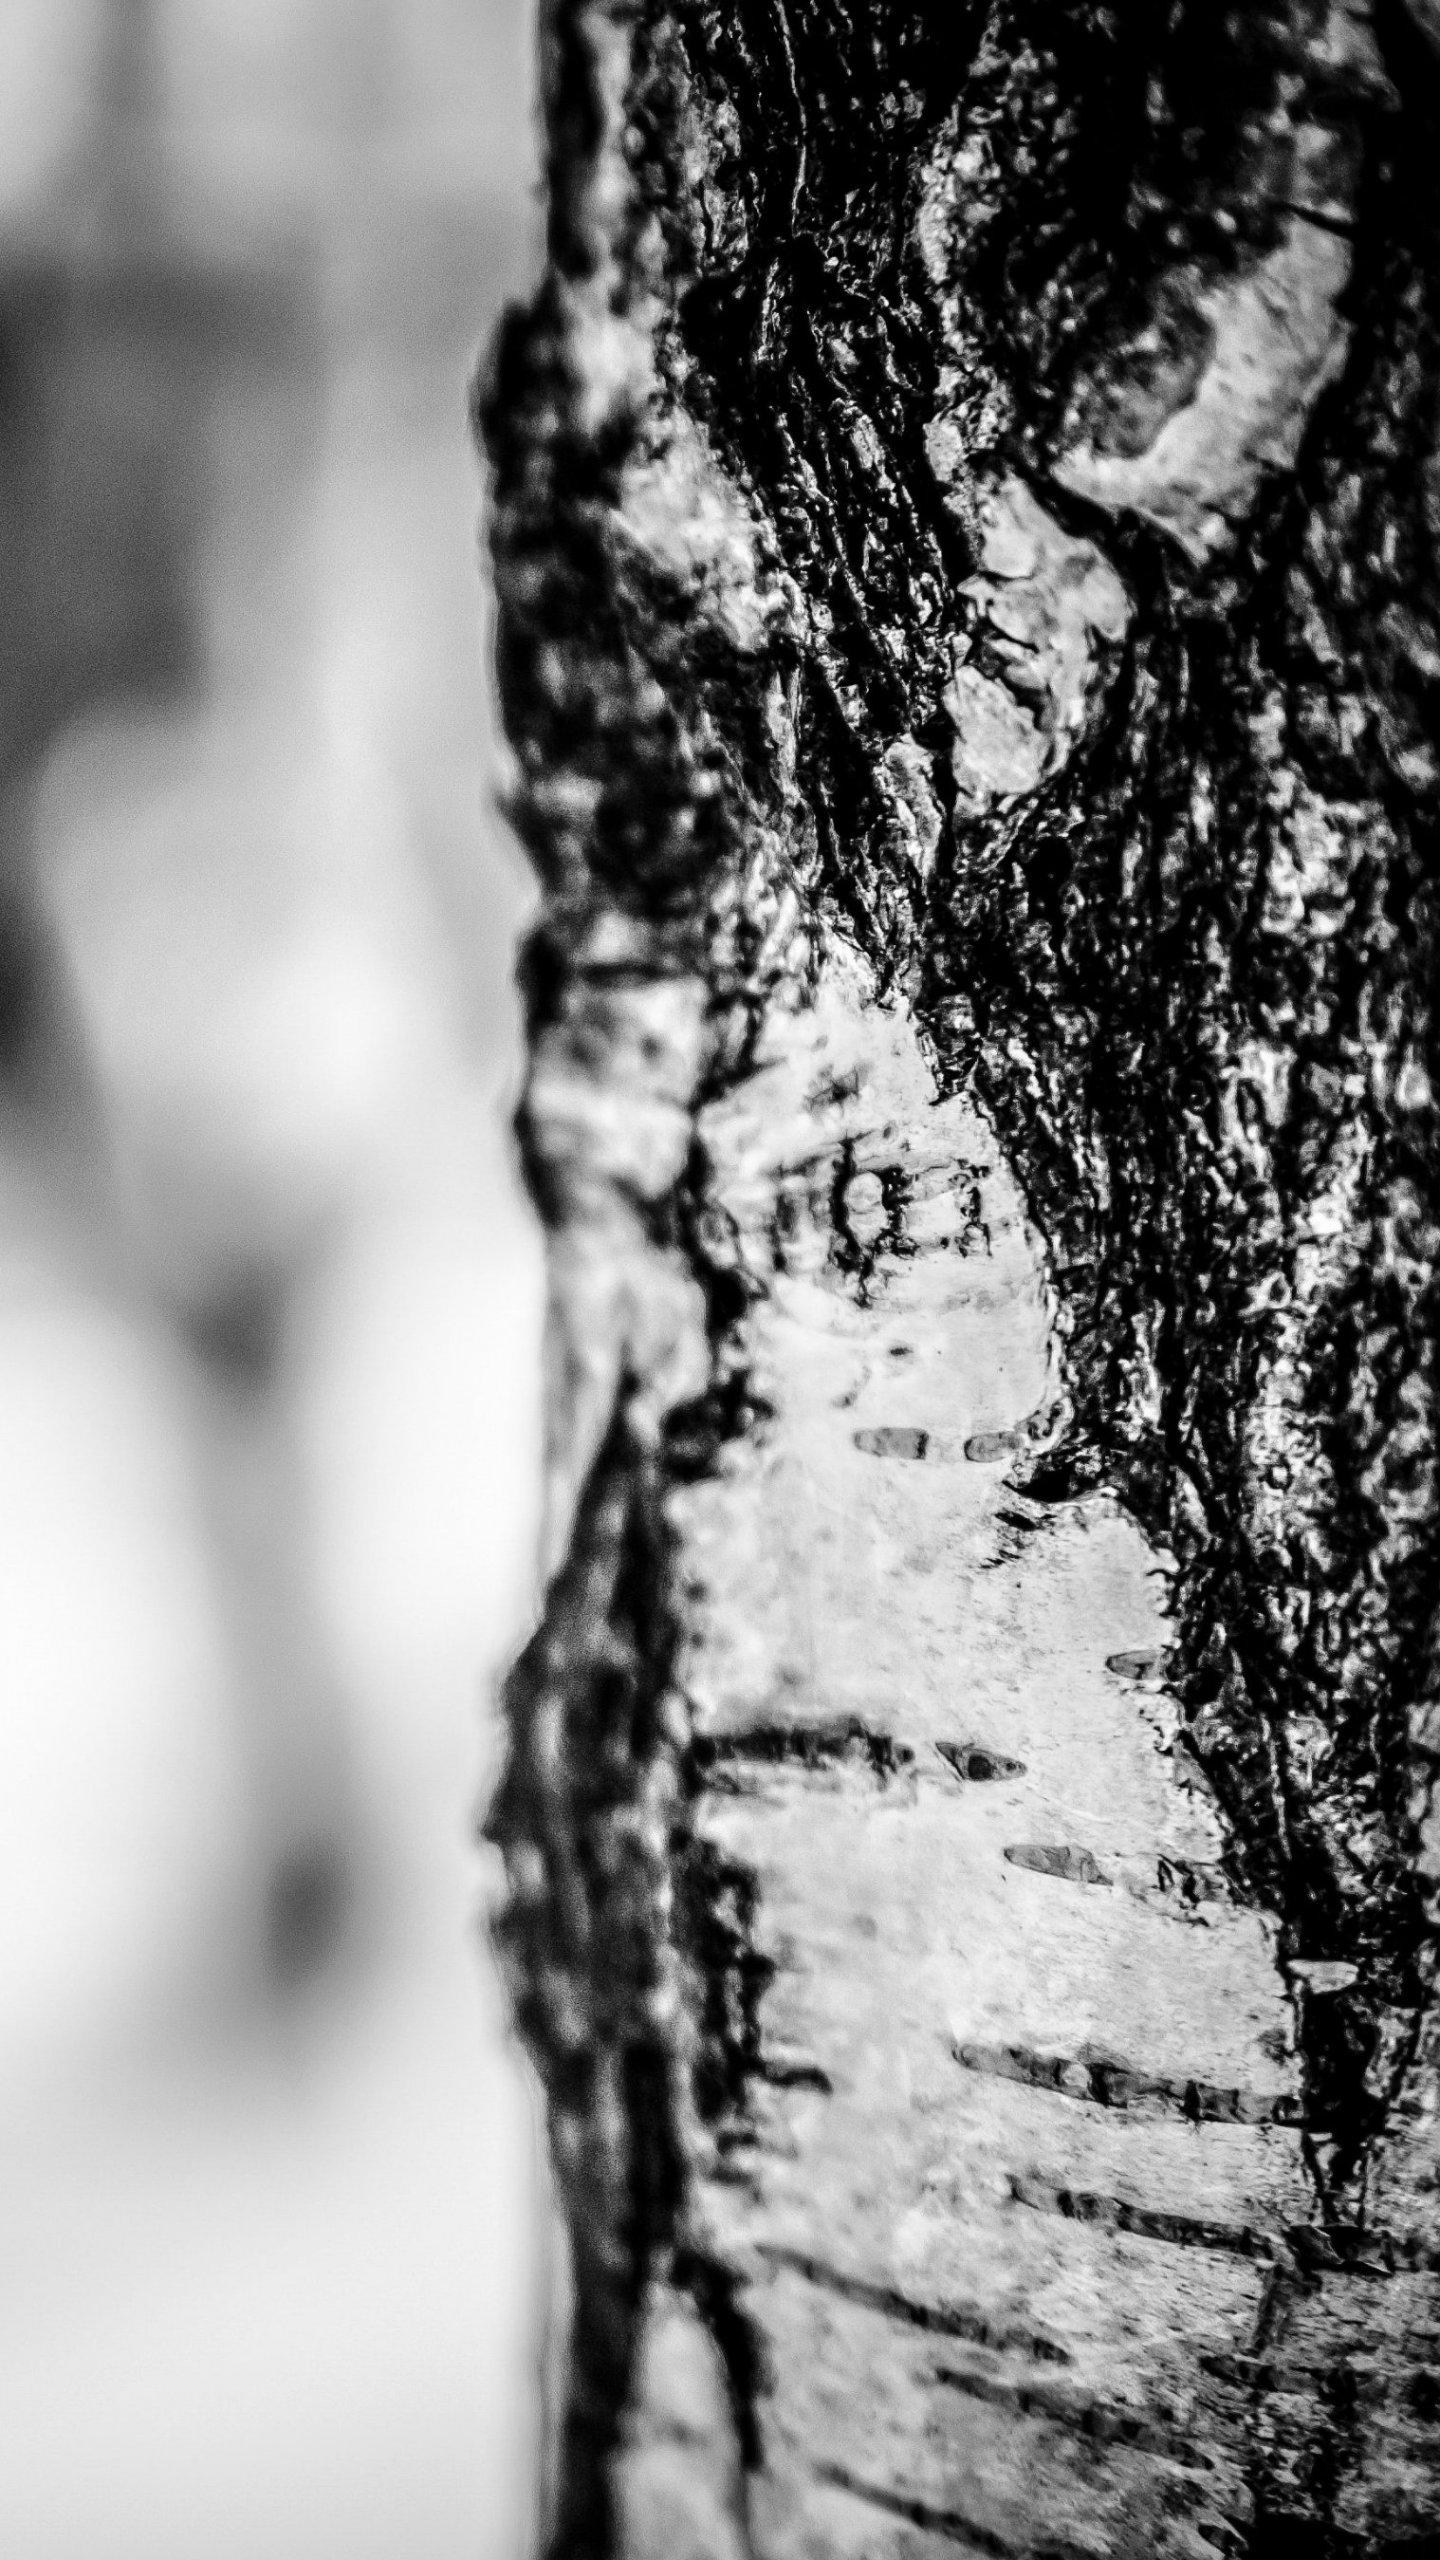 Birch Tree in Winter